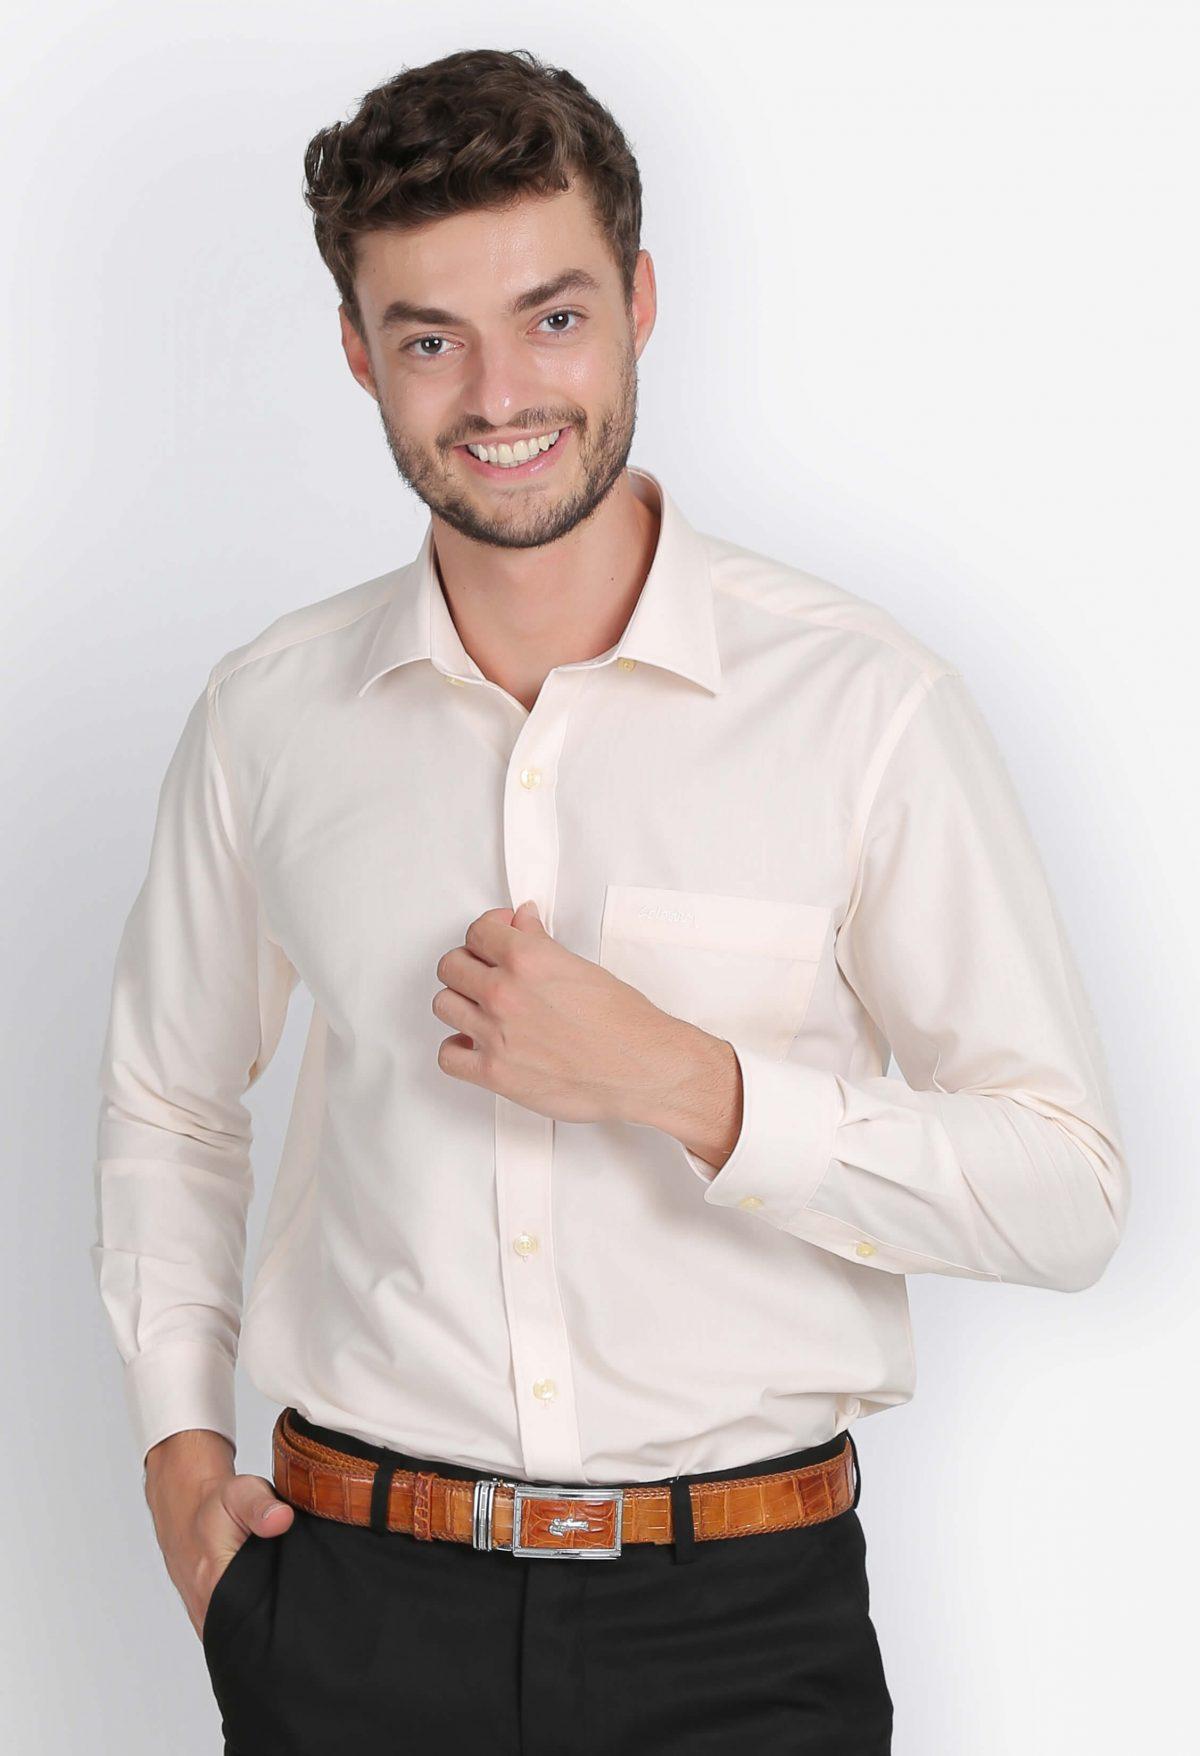 áo sơ mi nam dài tay màu vàng nhạt